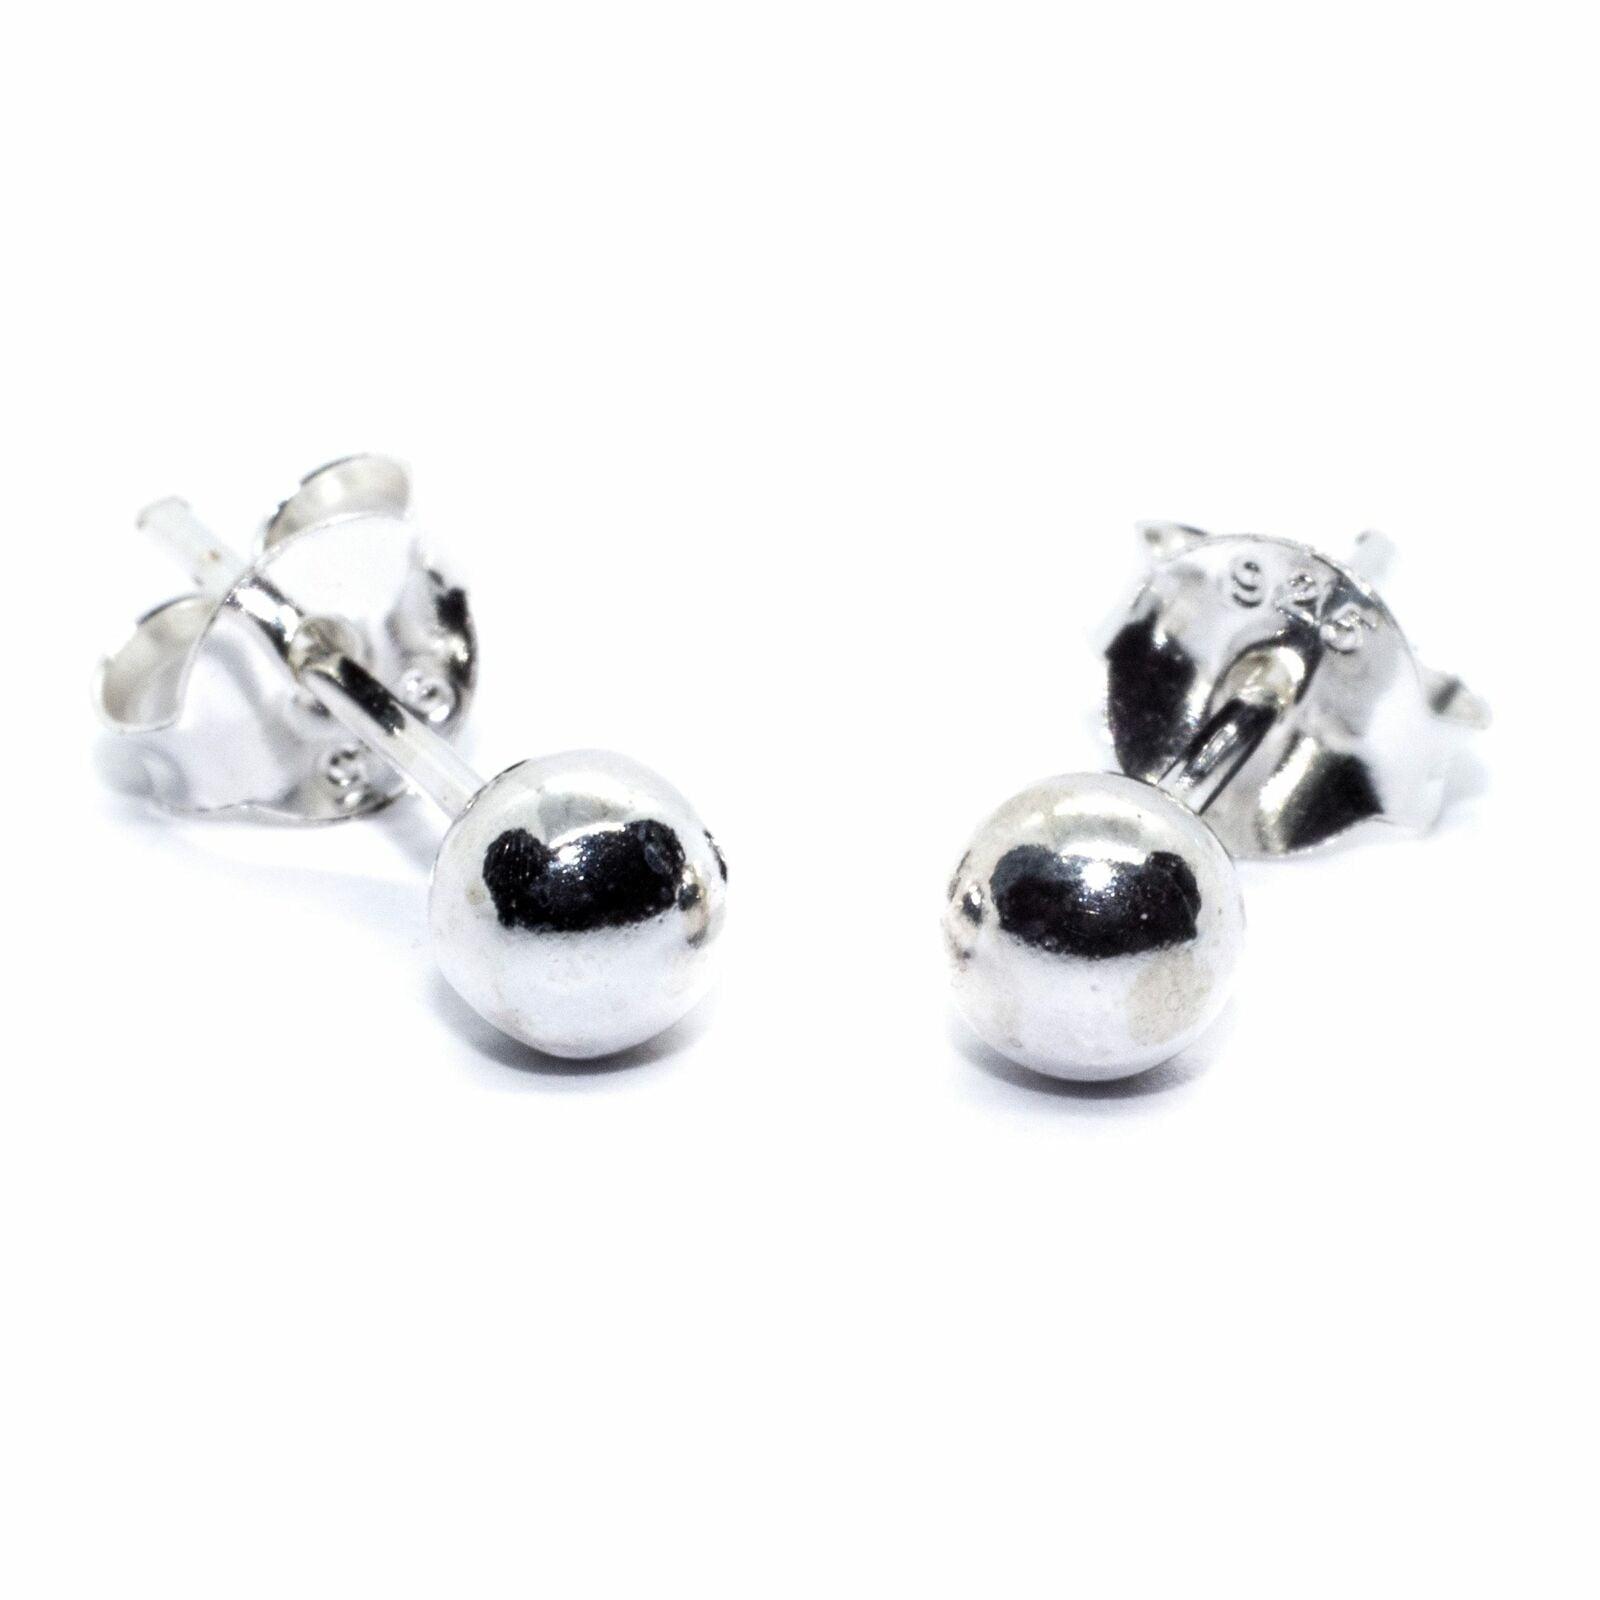 4 mm ball stud earrings in sterling silver 1